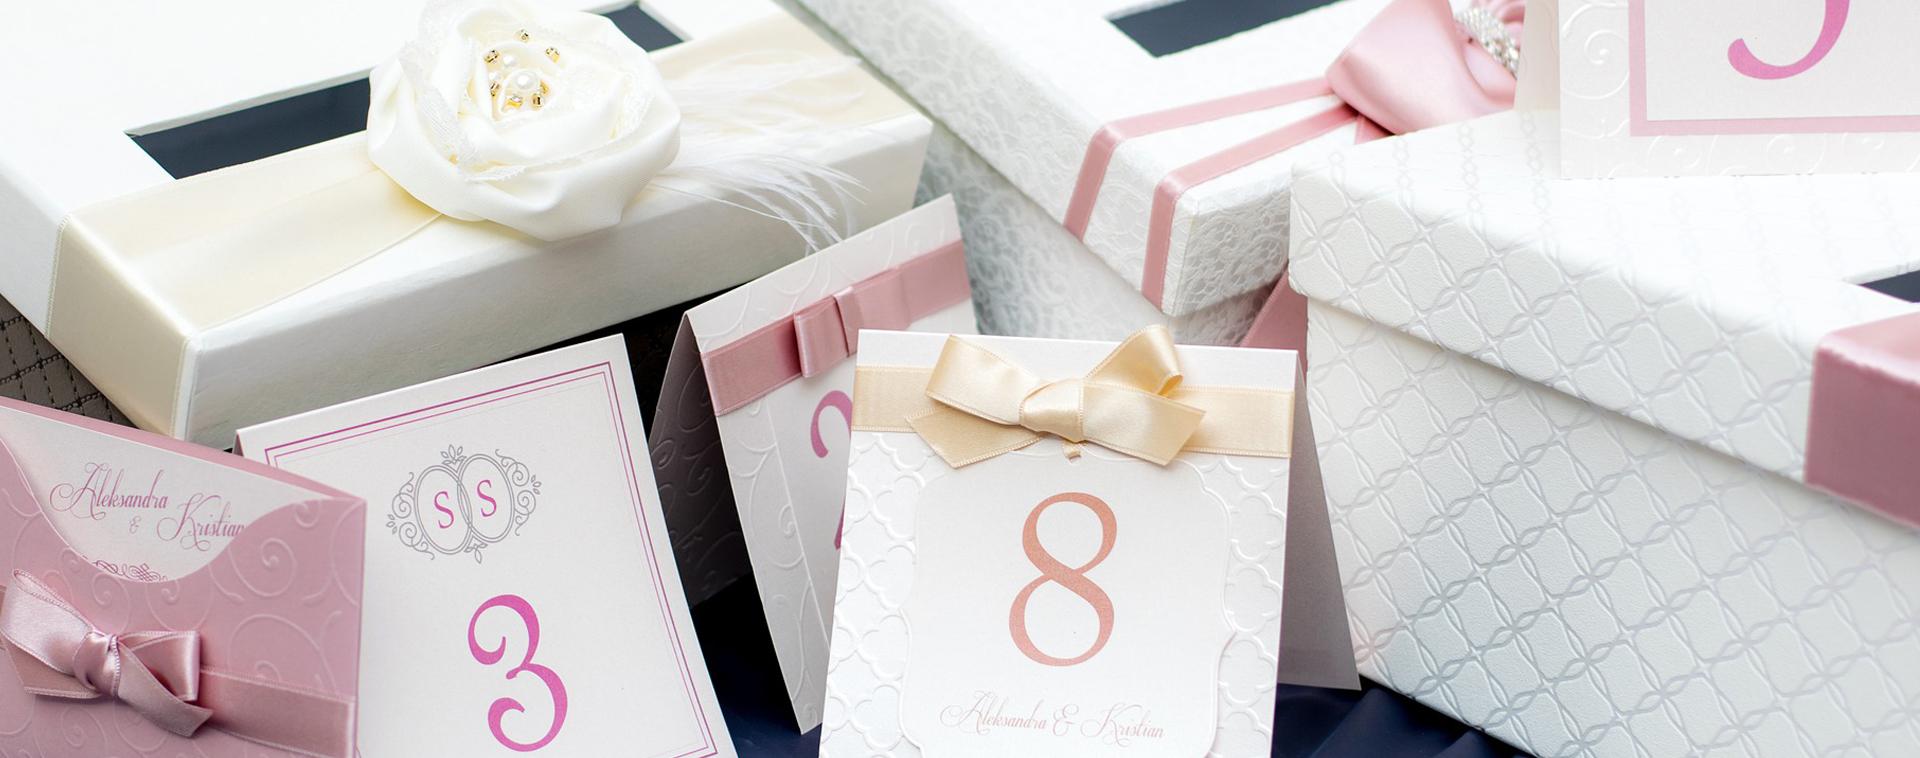 7 miniaturas de vino como recuerdos para bodas que puedes comprar en Bodegas Andrade. Regalos originales y muy economicos.